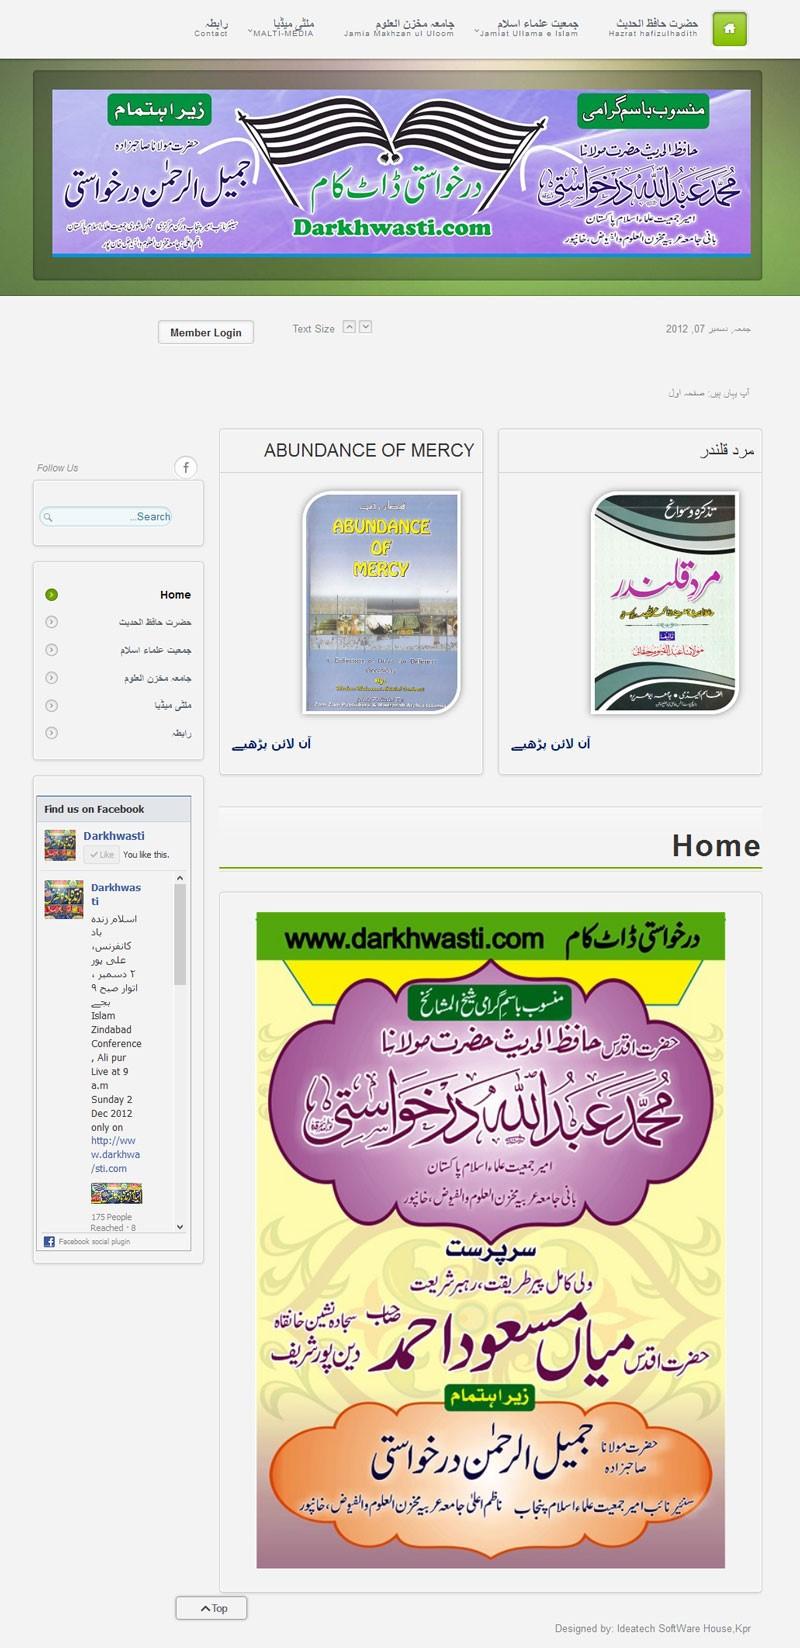 darkhwasti.com